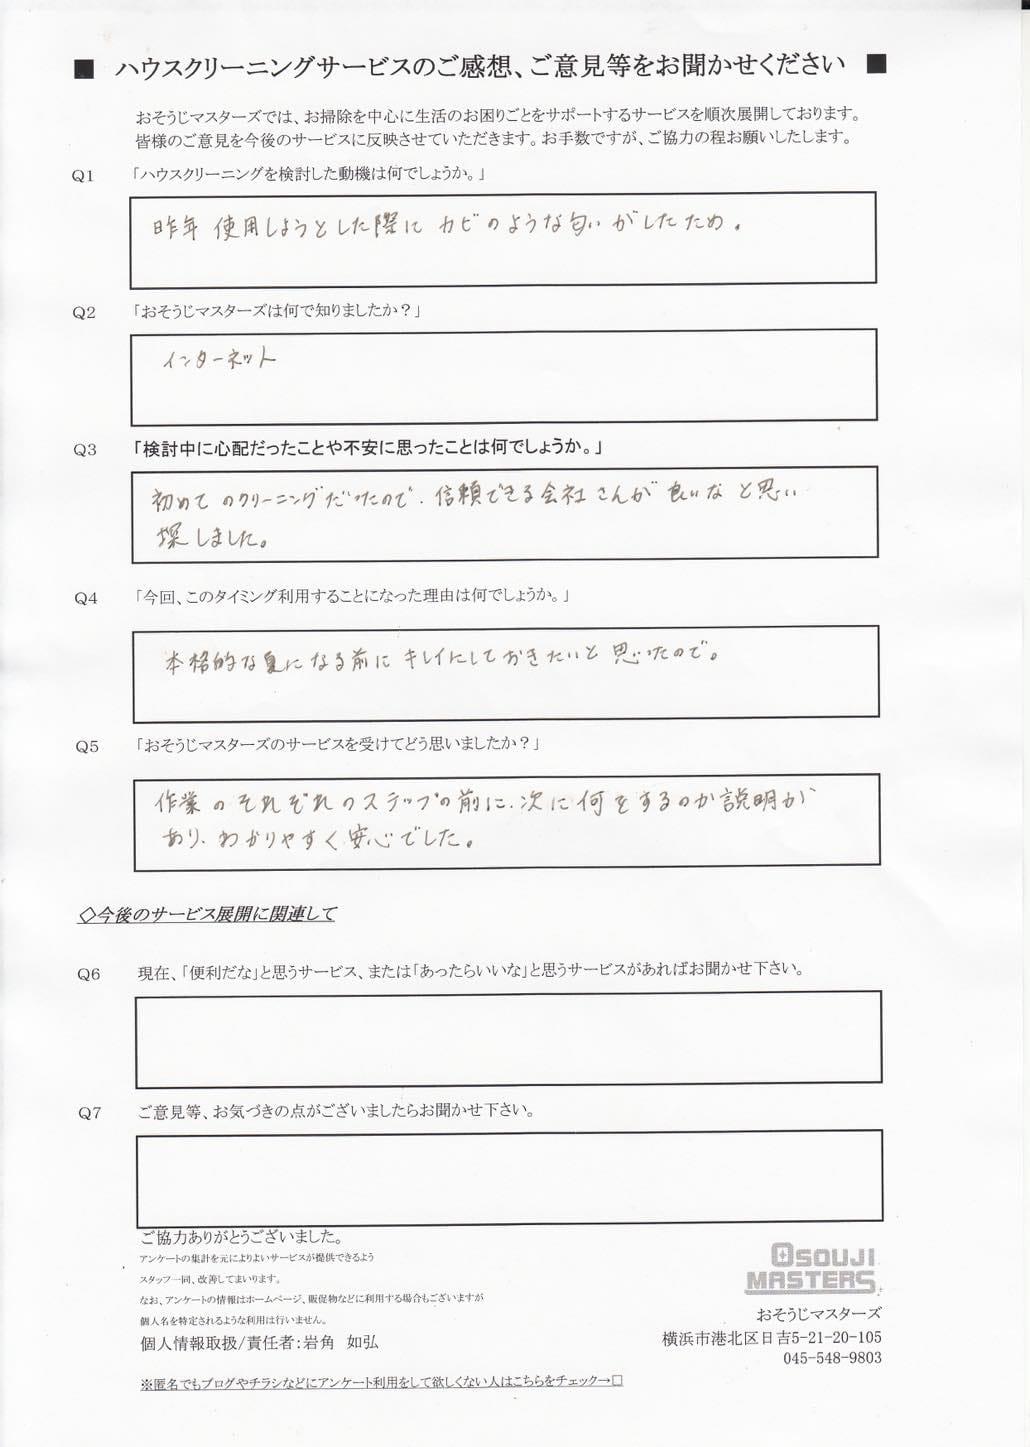 2015/07/22 エアコンクリーニング 【横浜市西区】